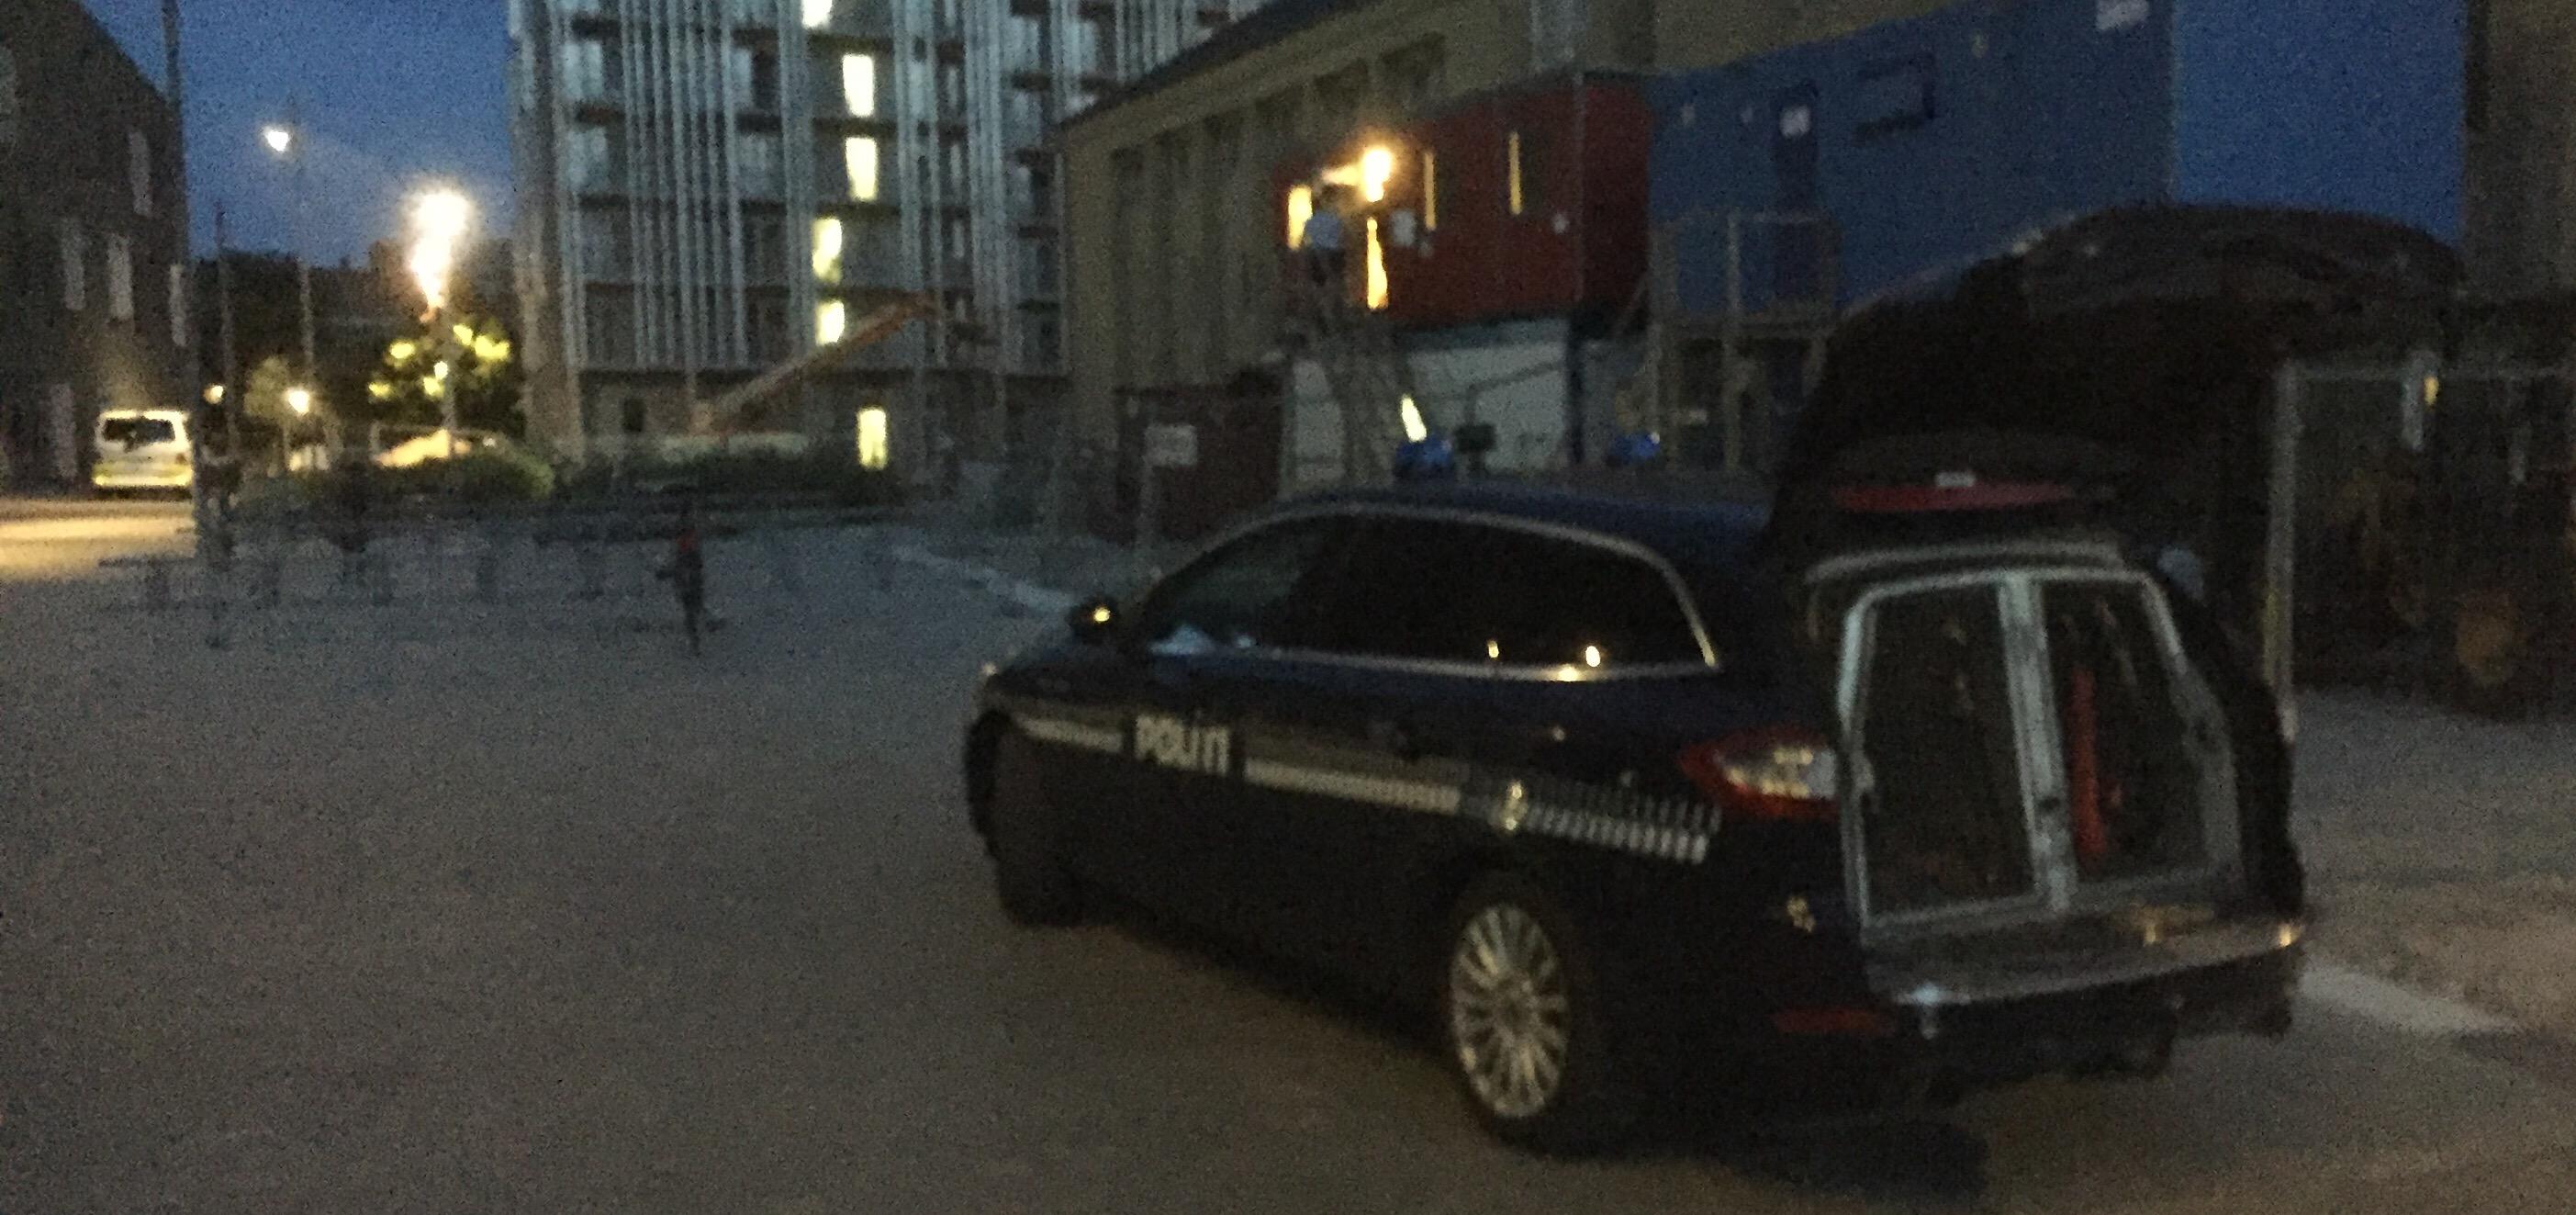 R4Y fanger gerningsmand nr 247 sammen med Nordjyllands politi